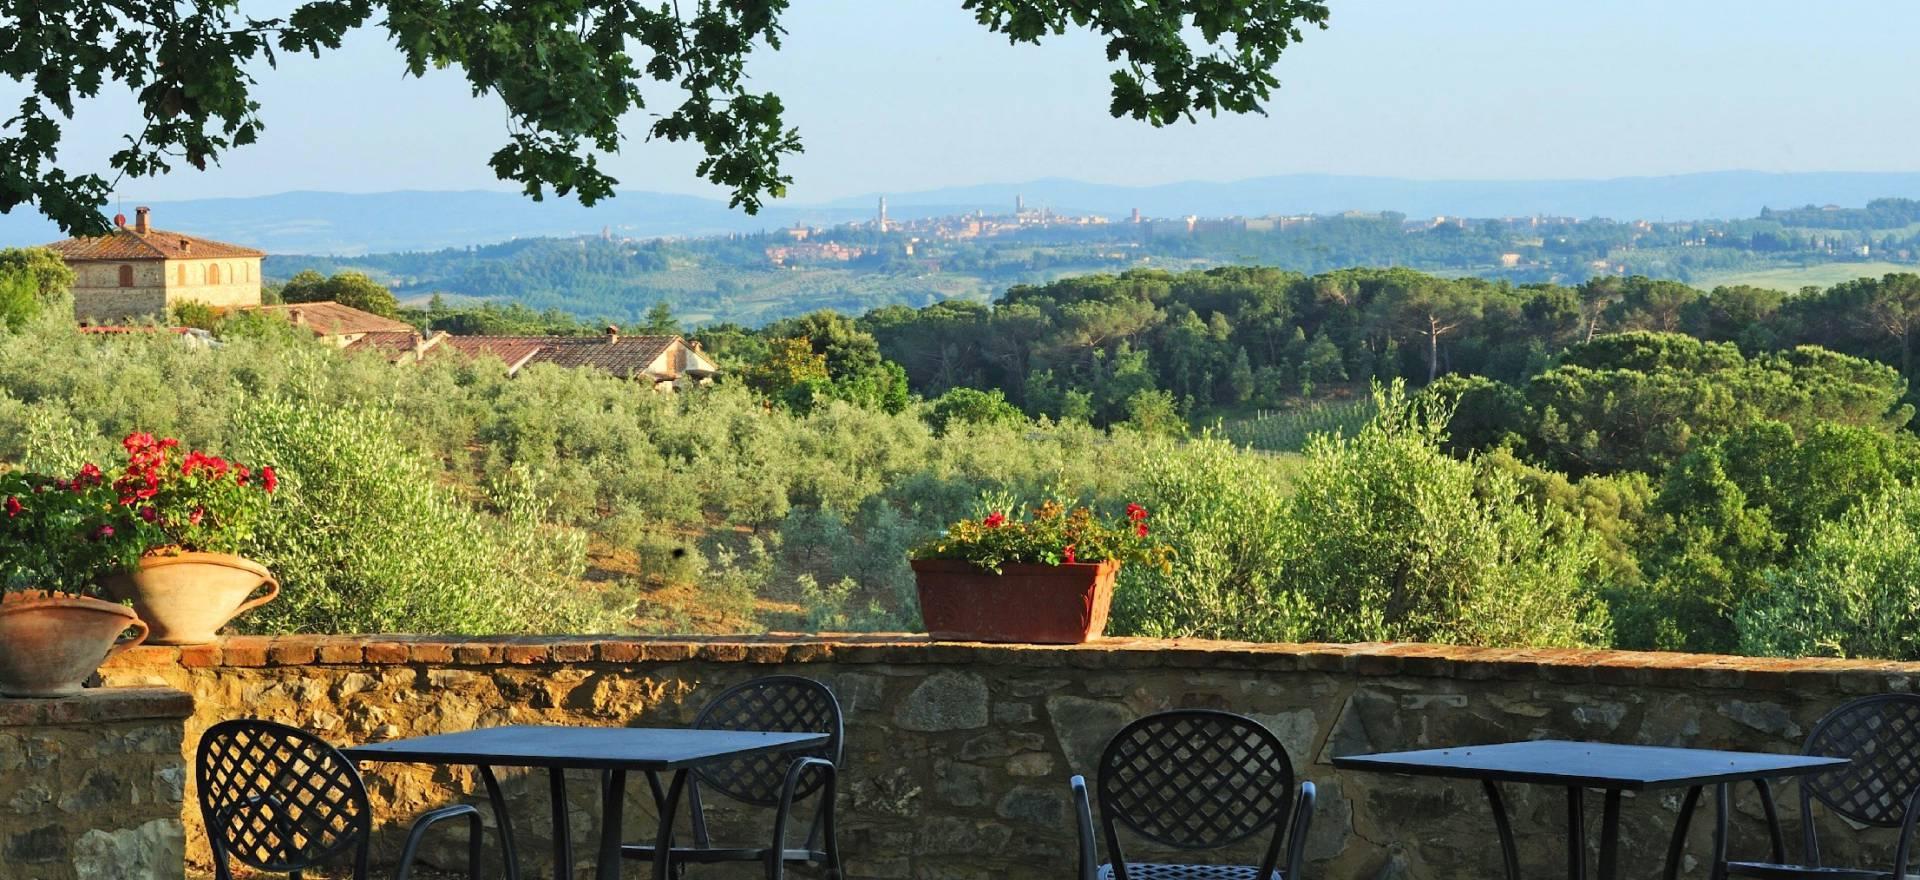 Agriturismo Toscana Agriturismo autentico e cantina nel Chianti, Toscana